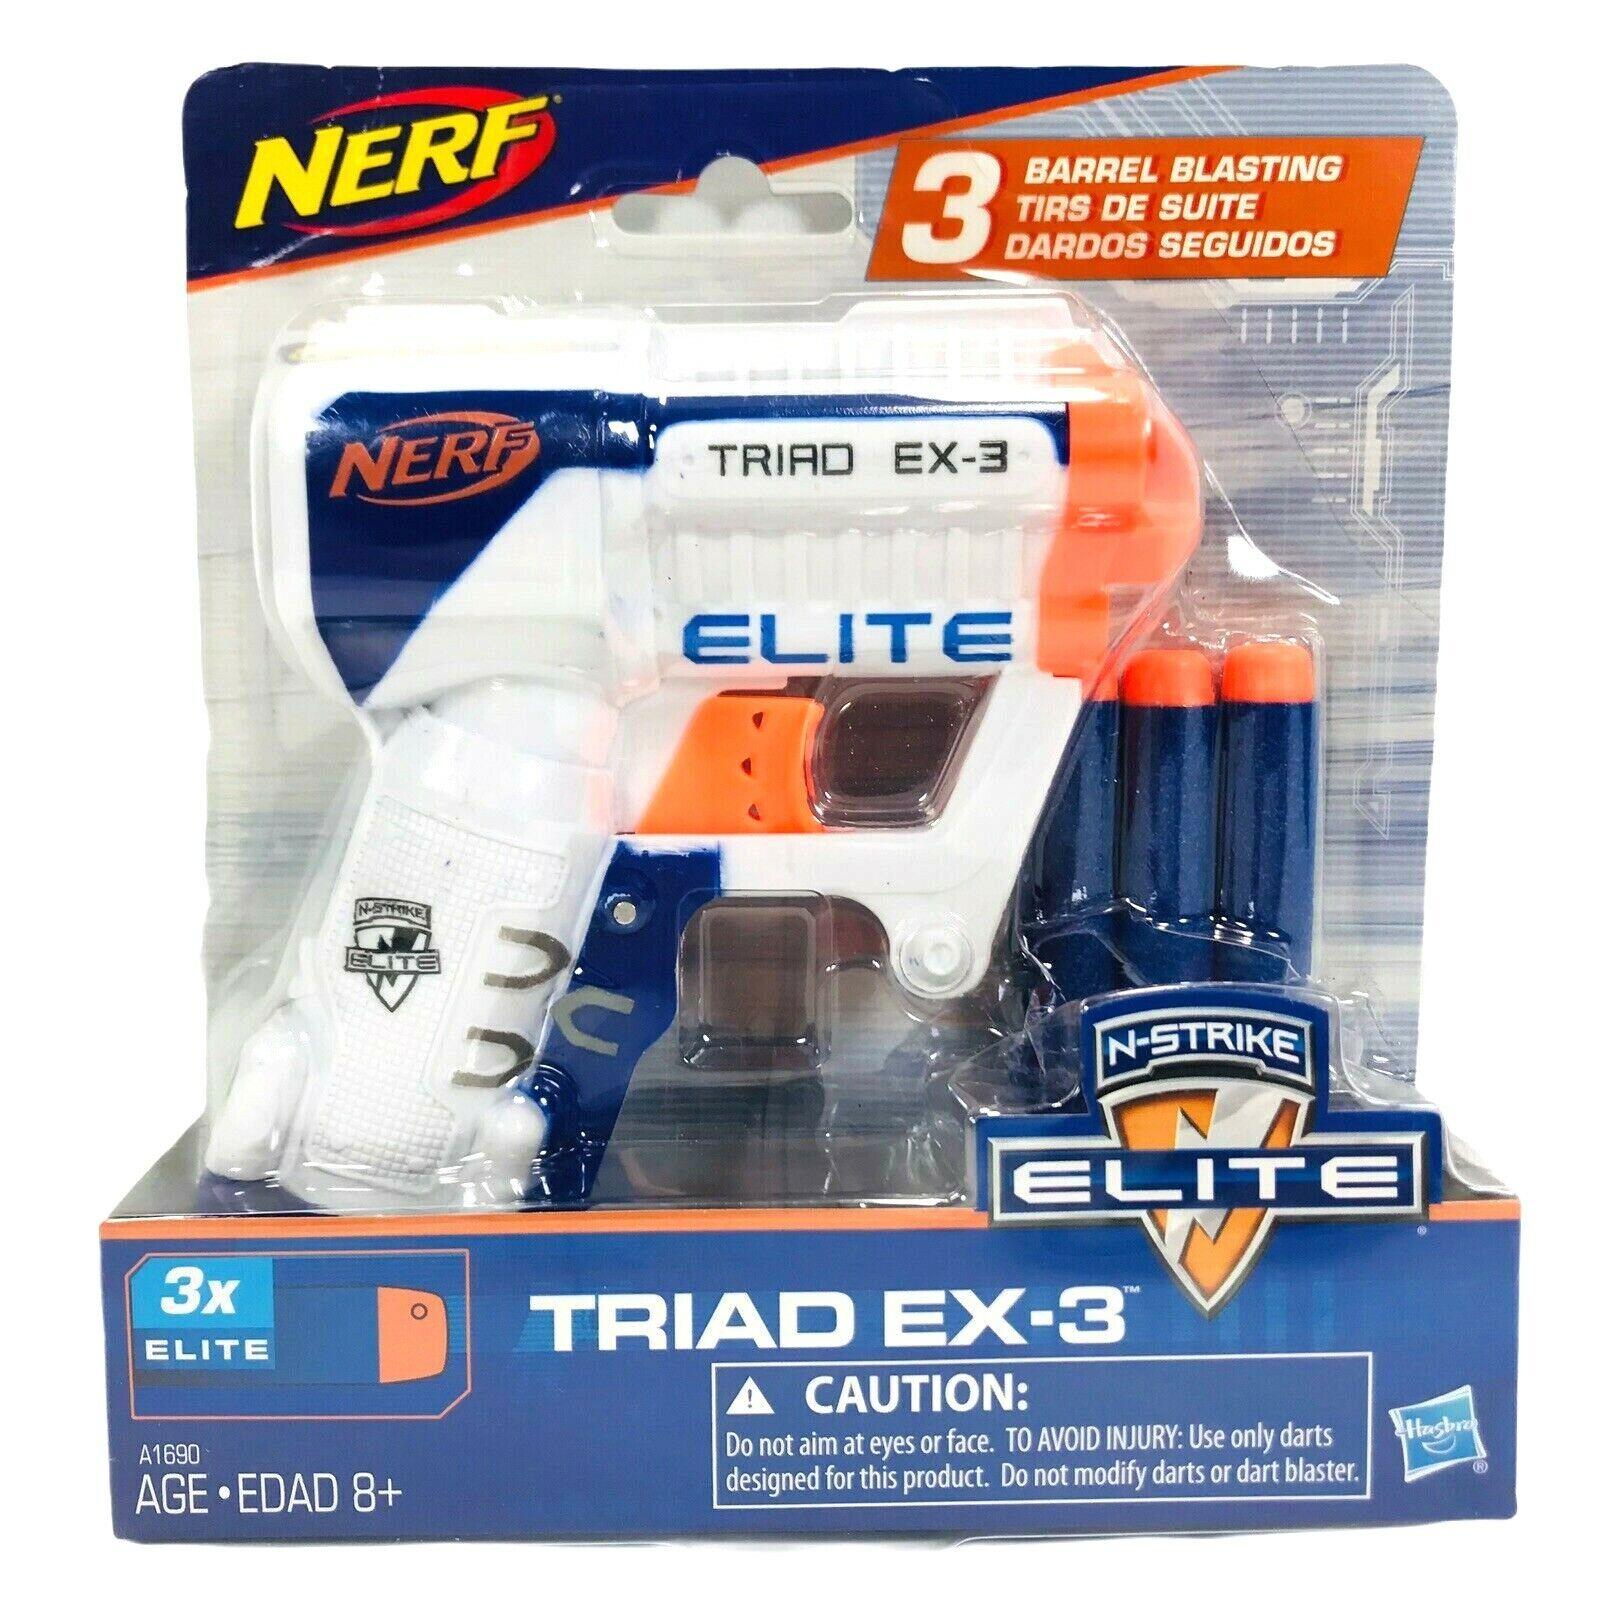 Nerf N-Strike Elite Triad EX-3 Blaster Gun with 3 Darts - Mo